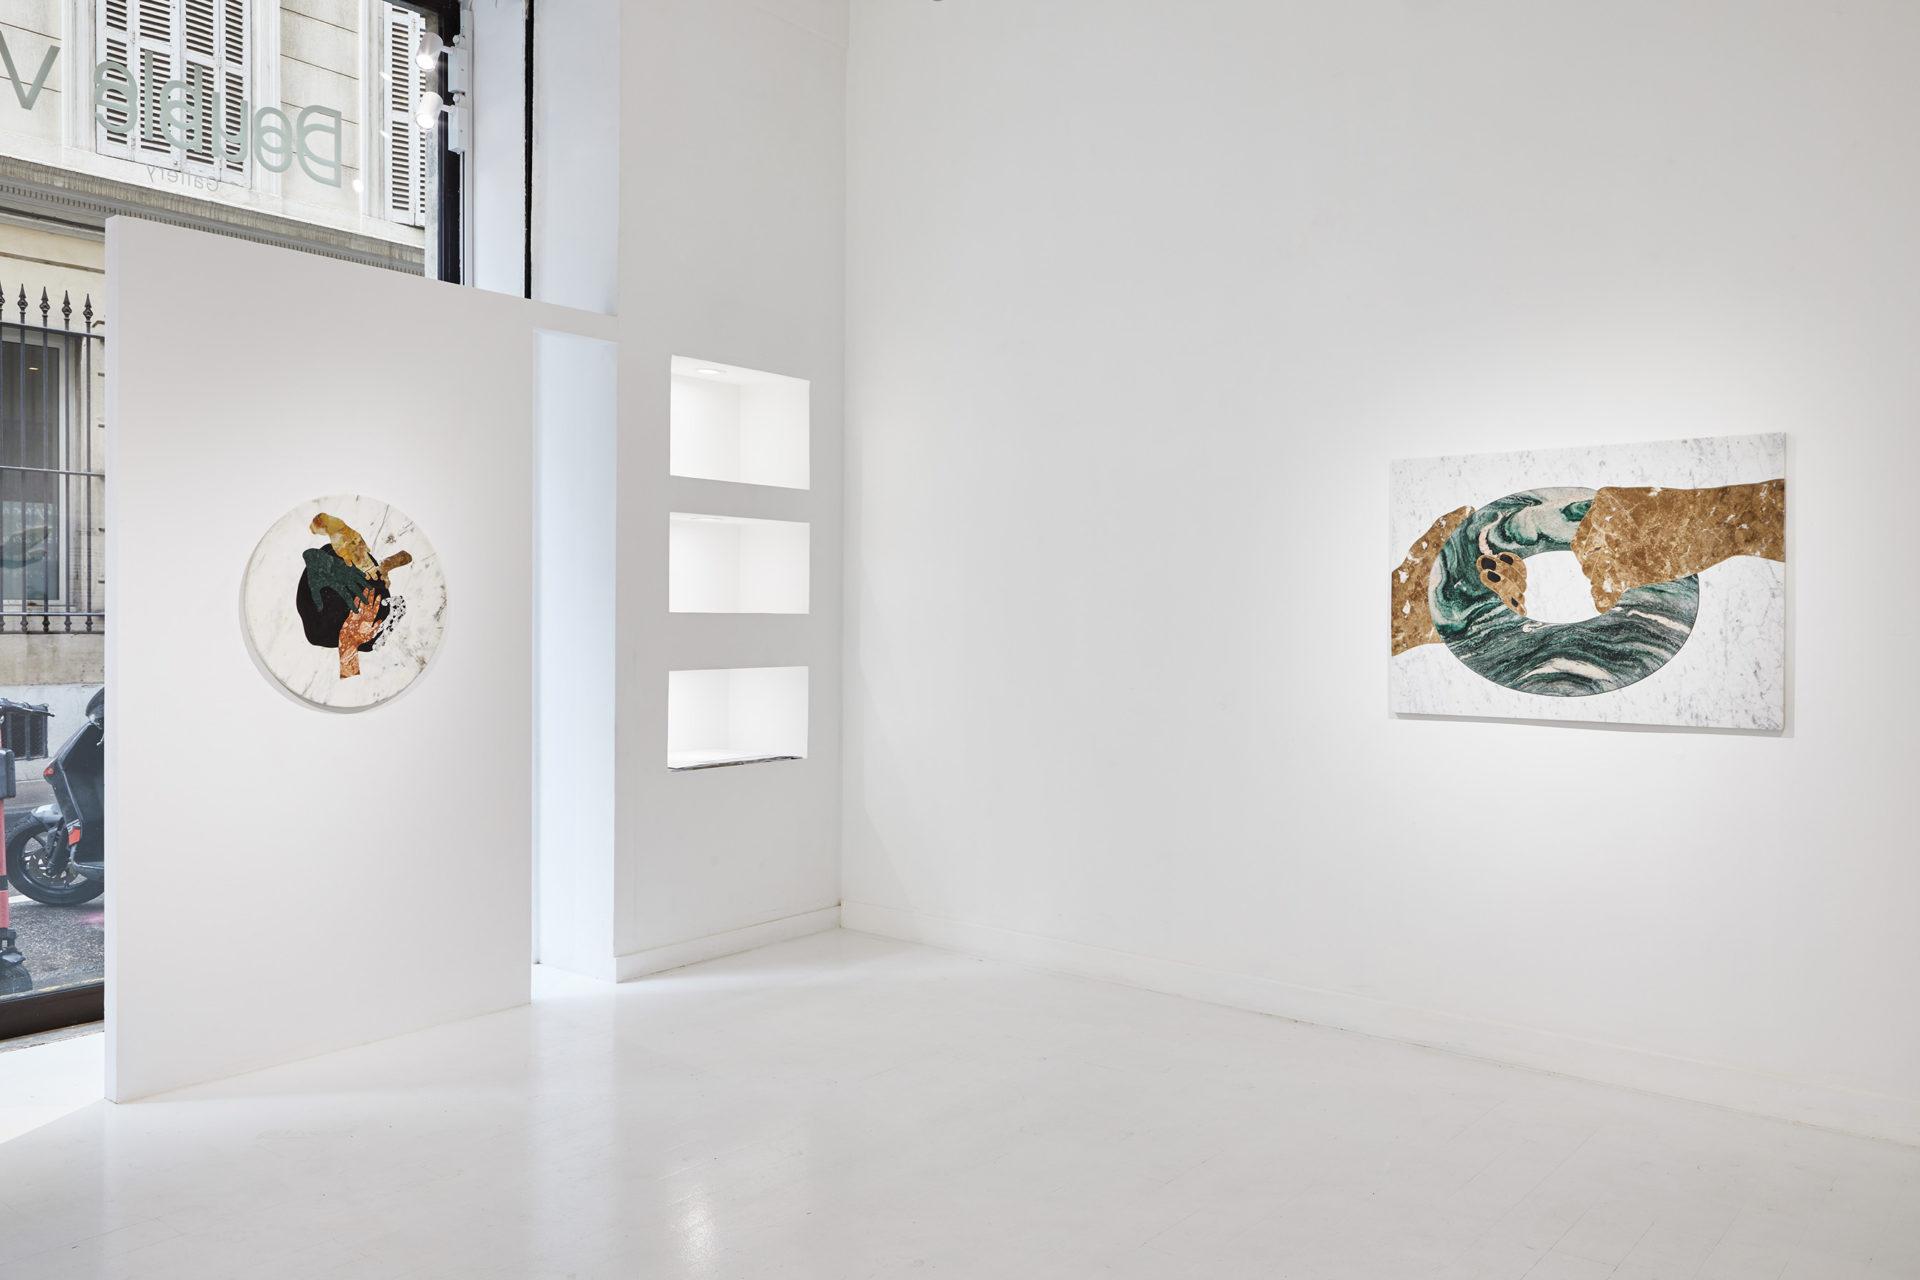 Vue de l'intérieur de la Double V gallery à Marseille. Murs blancs Avec 2 oeuvres d'Alice Guittard